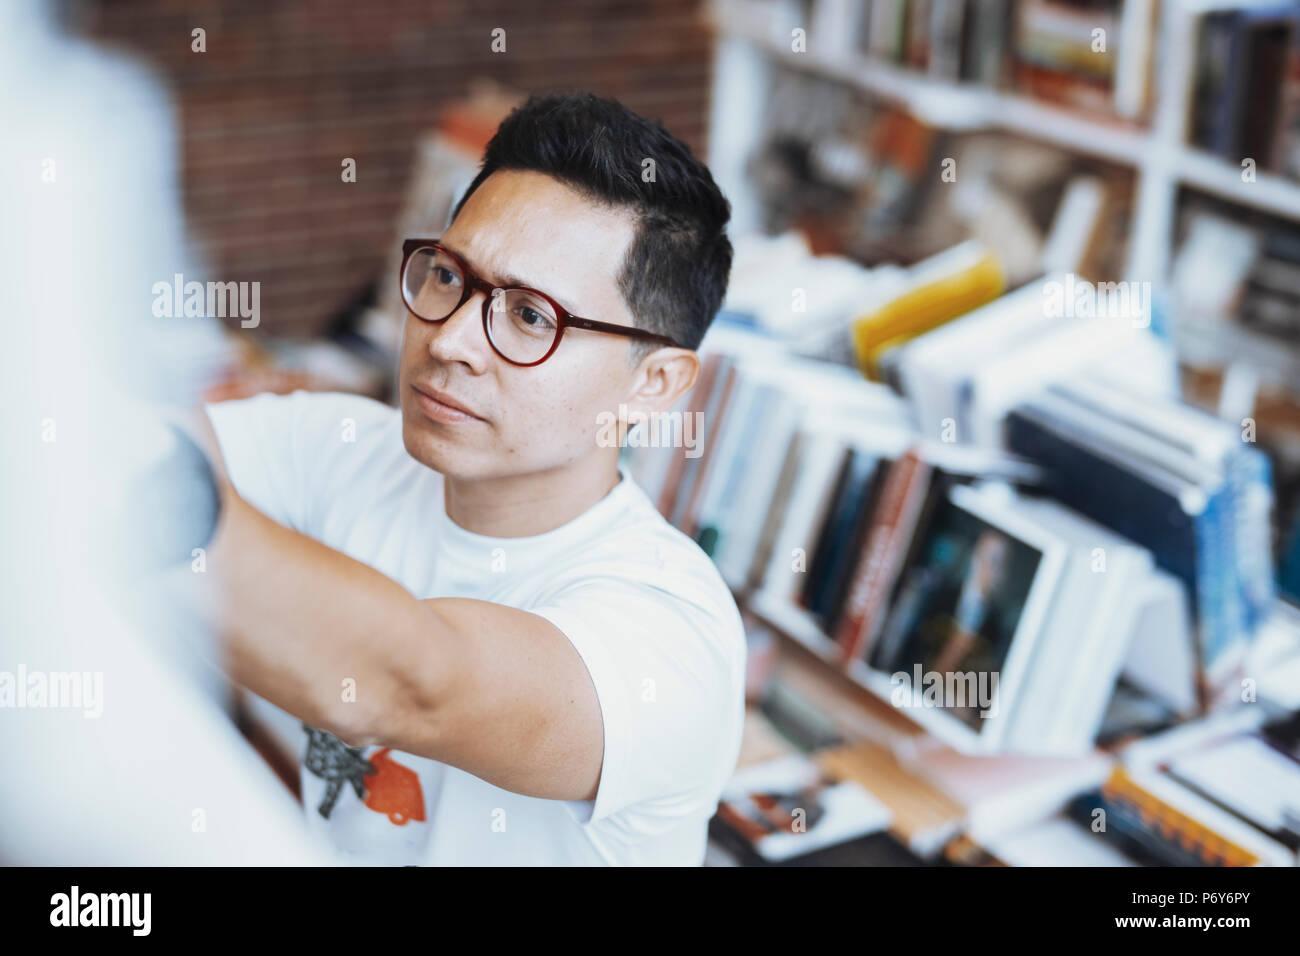 Jeune homme à lunettes main atrractive dessin de livre sur une étagère. Banque D'Images